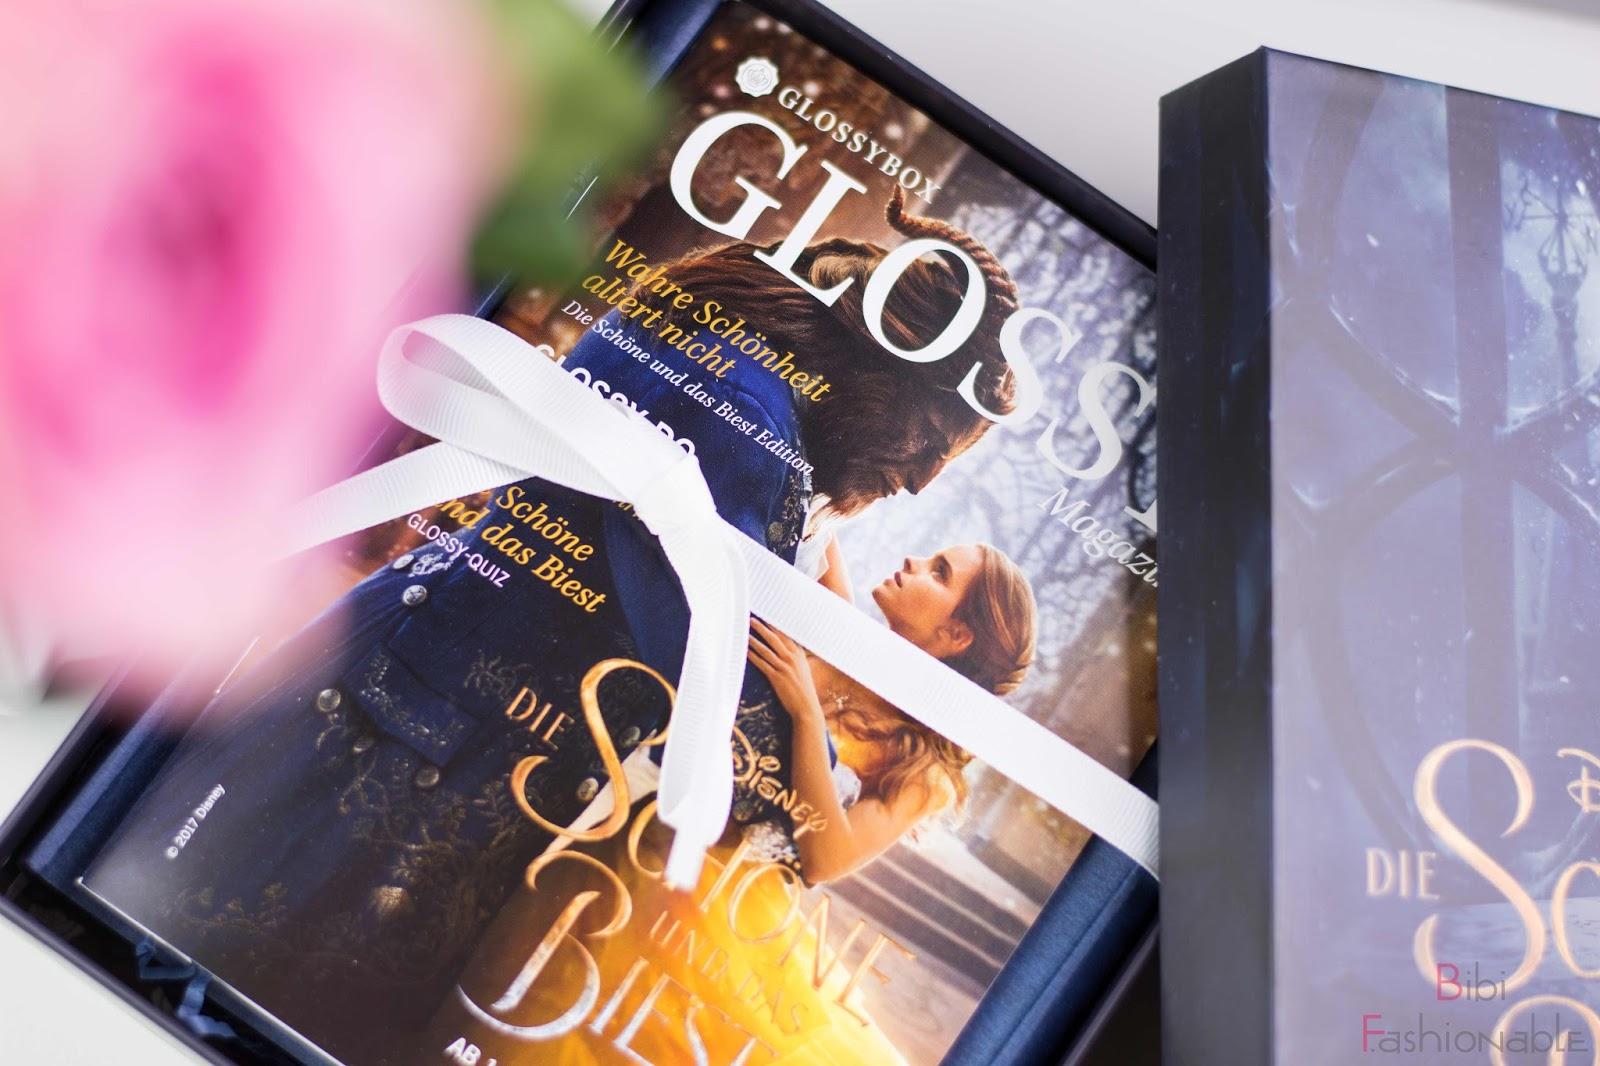 Unboxing Glossybox die Schöne und das Biest Glossy Magazin